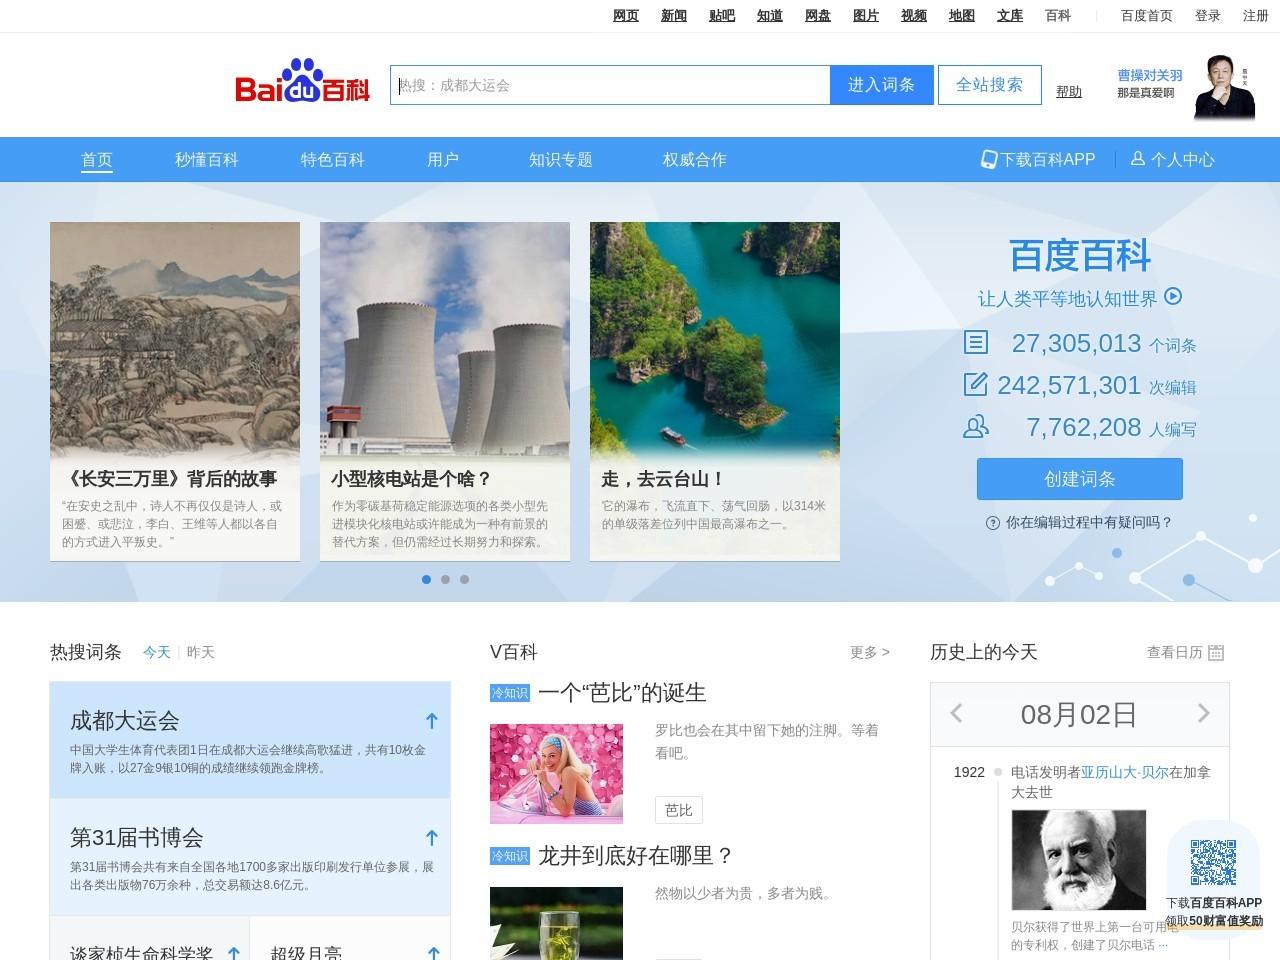 广西梦飞智宝科技有限公司_百度百科